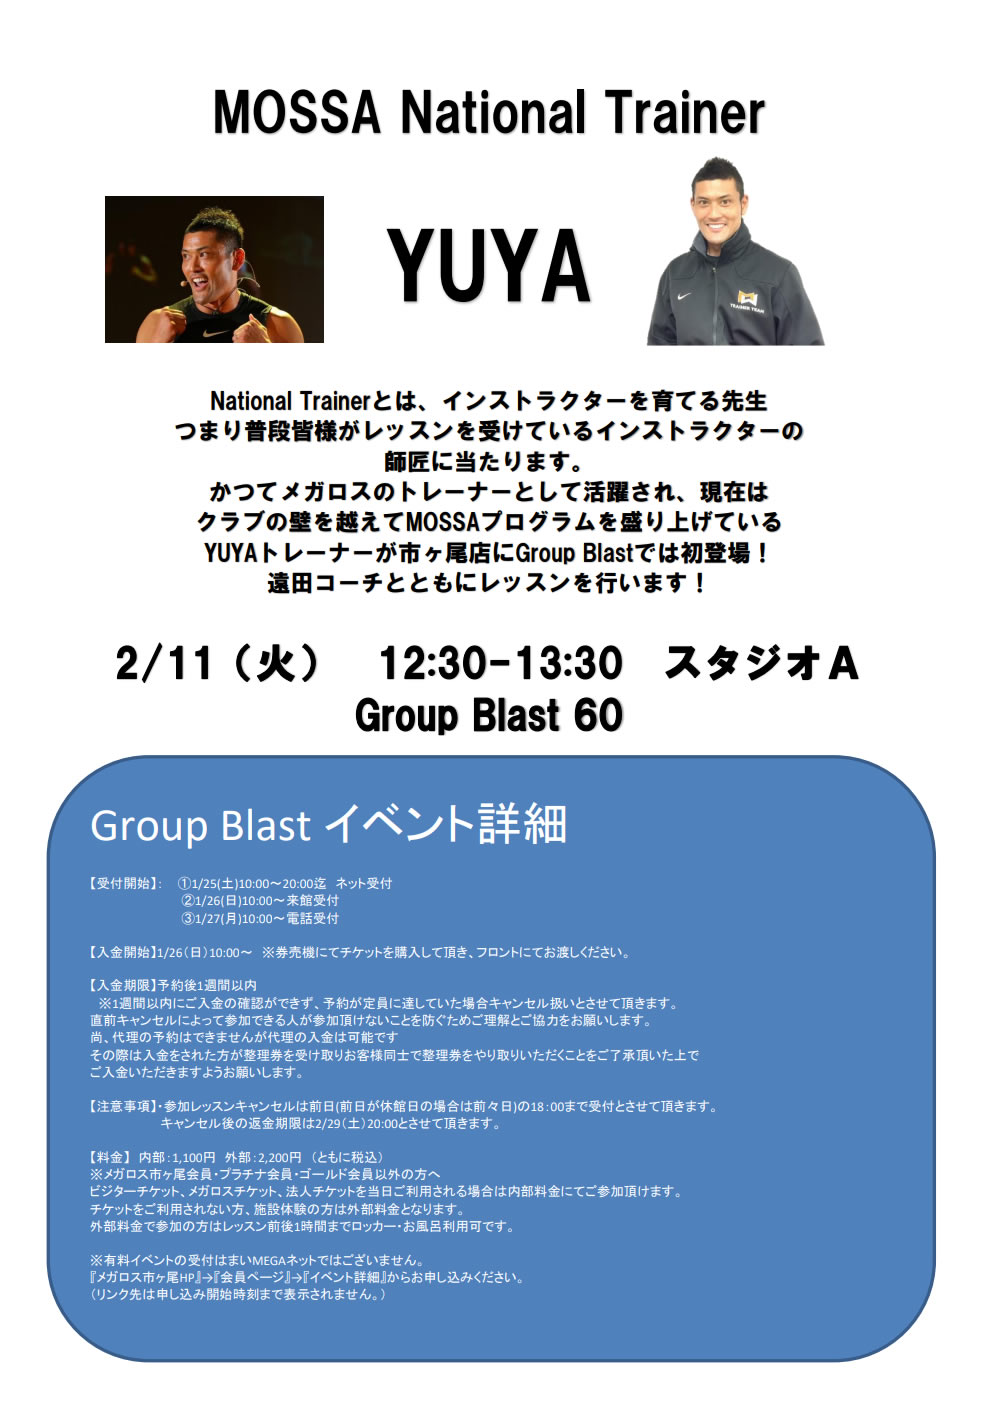 2月11日(火祝)特別スケジュール詳細